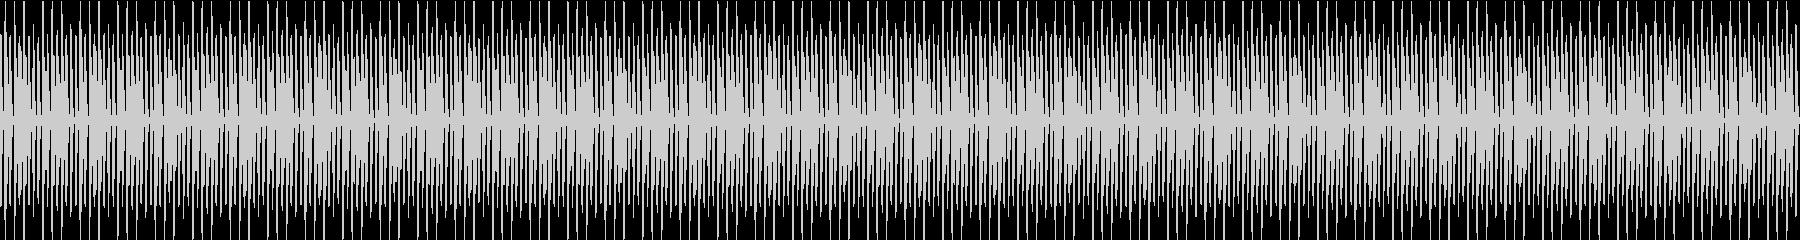 マリンバ・生配信・ほのぼの・ループ・日常の未再生の波形